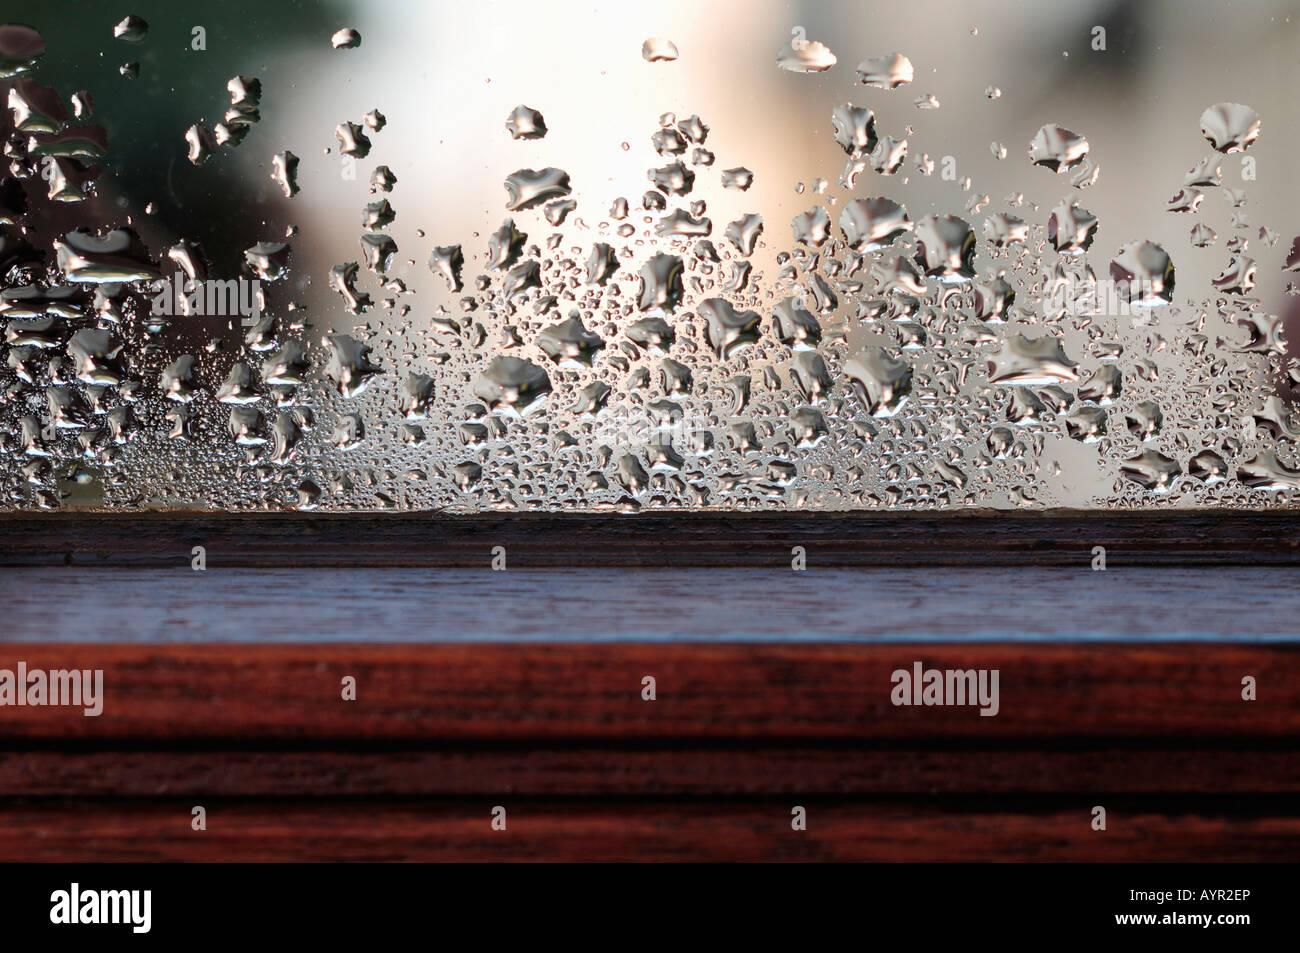 Condensation à l'intérieur d'un volet de fenêtre Photo Stock